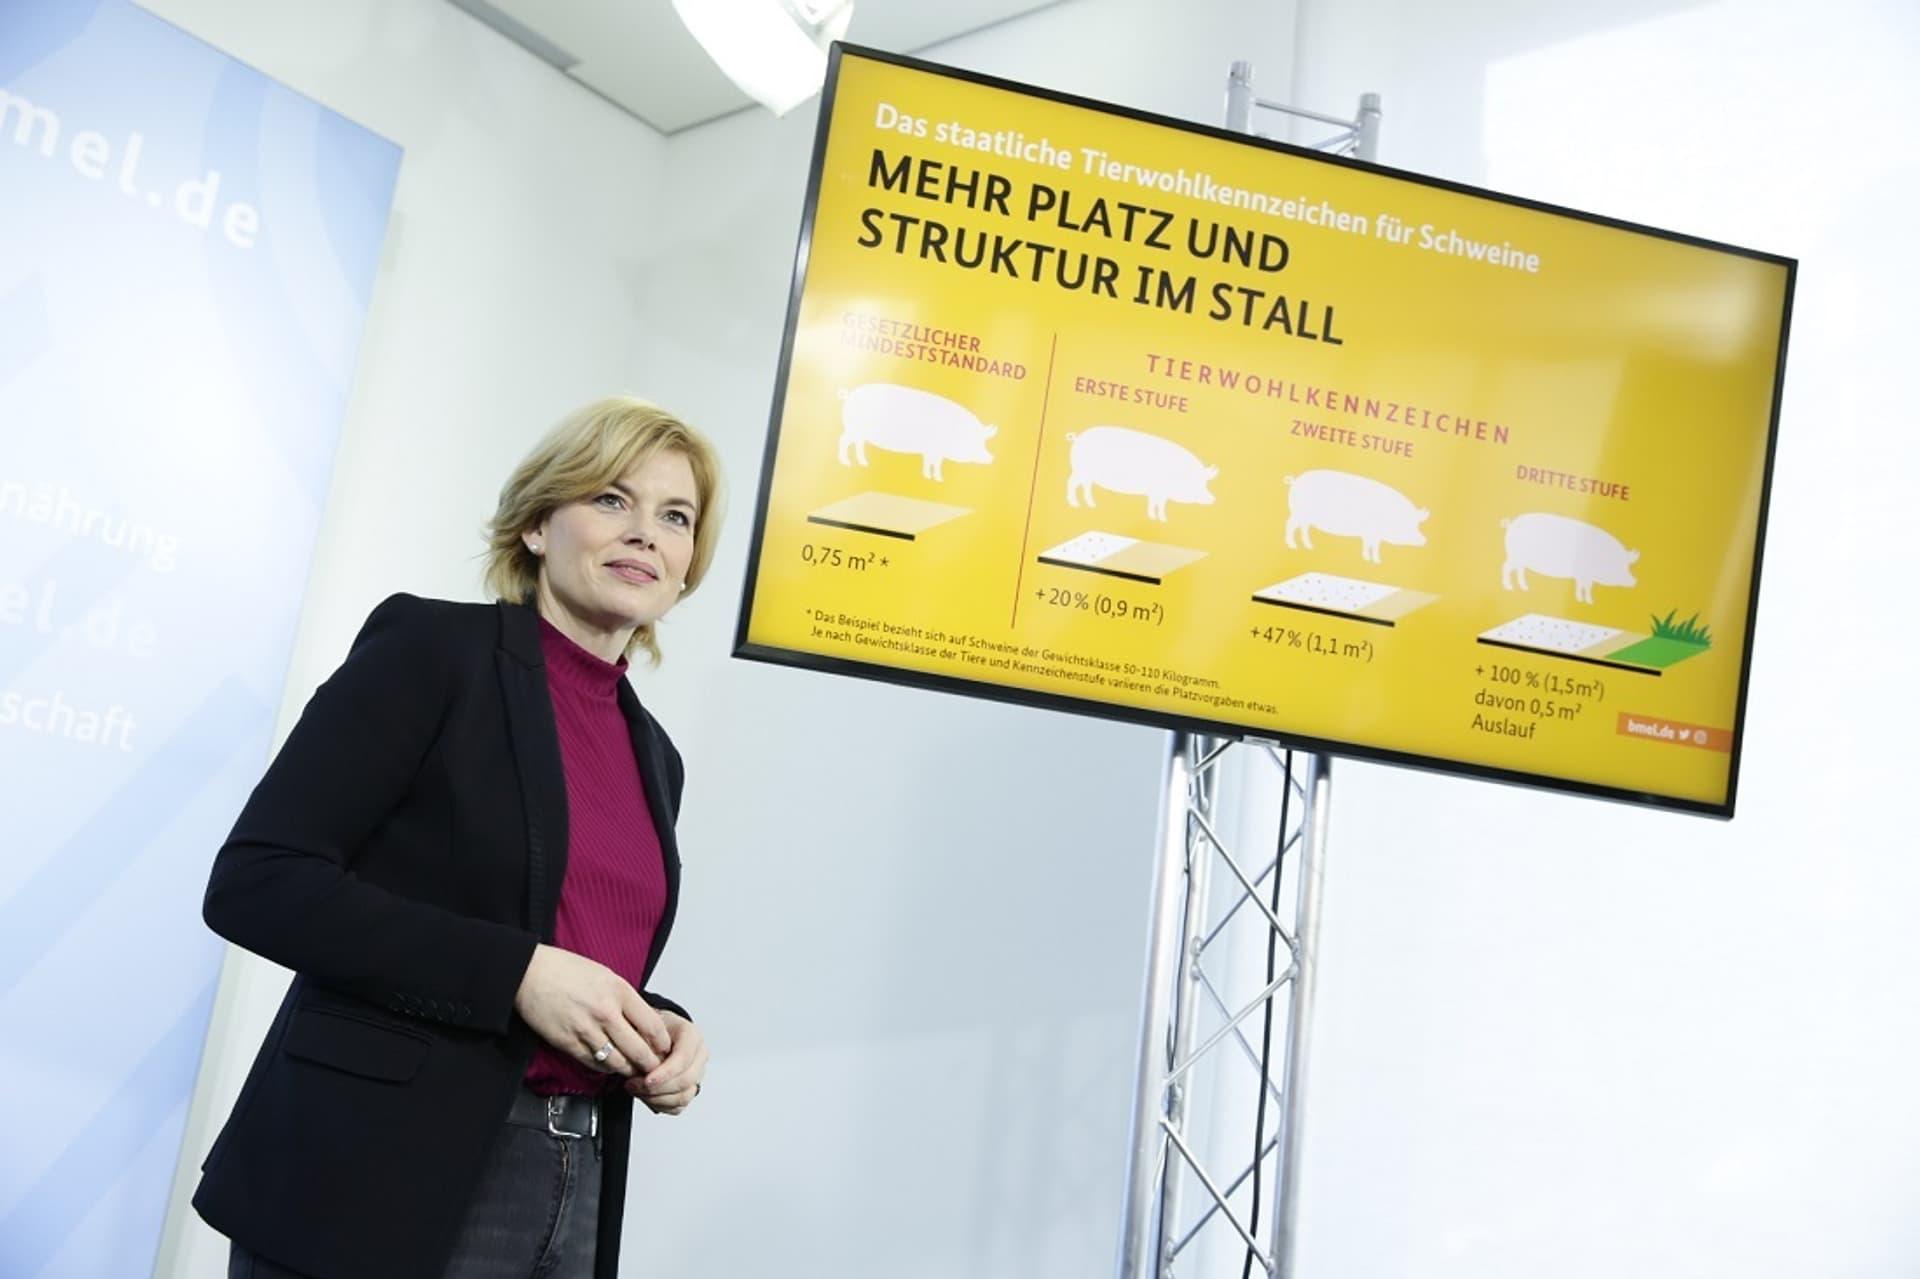 Ministerin Klöckner bei der Präsentation des Tierwohl-Labels. Verbraucher gucken lieber auf den Preis